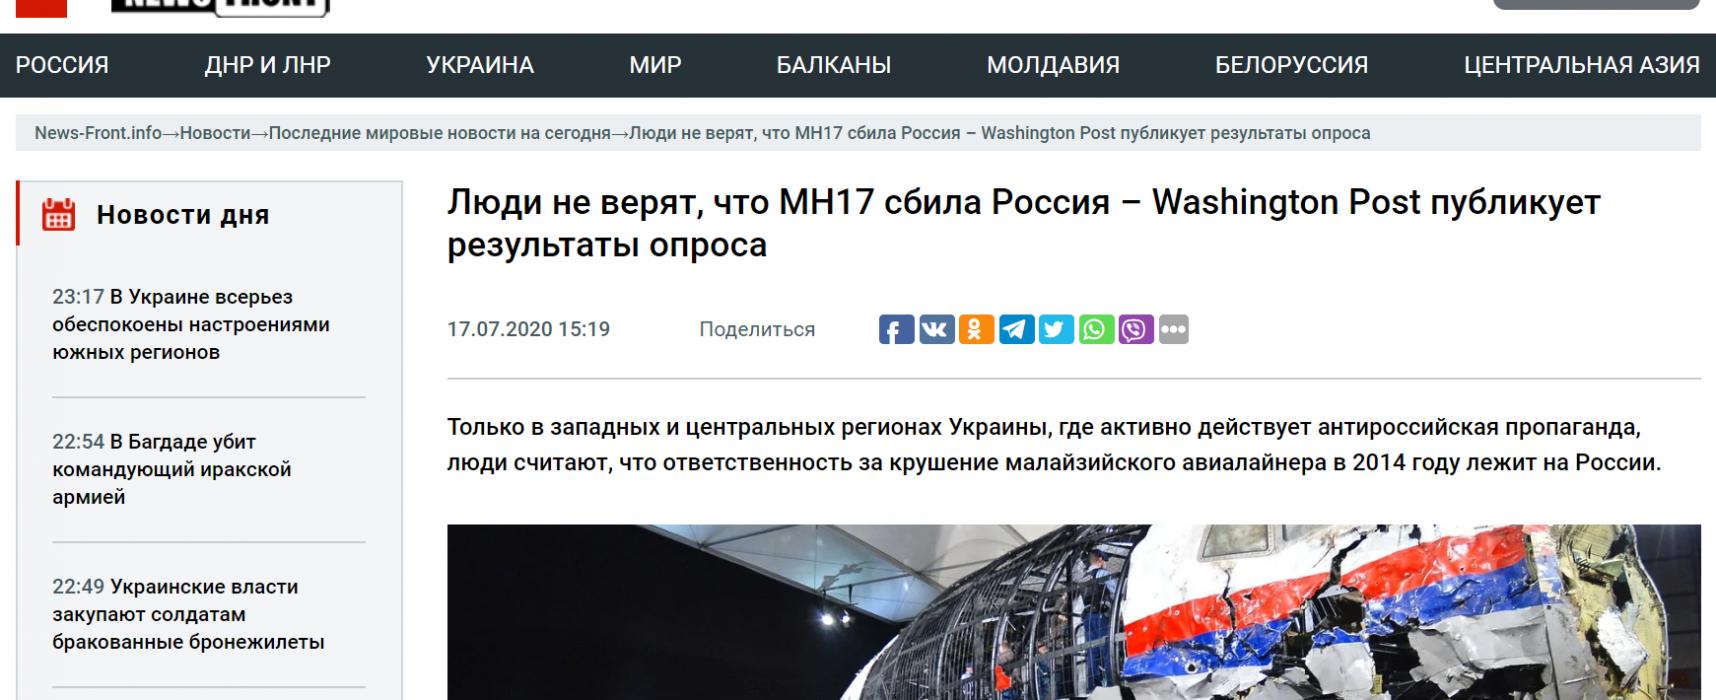 Фейк: Люди не вірять, що MH17 збила Росія, – результати опитування